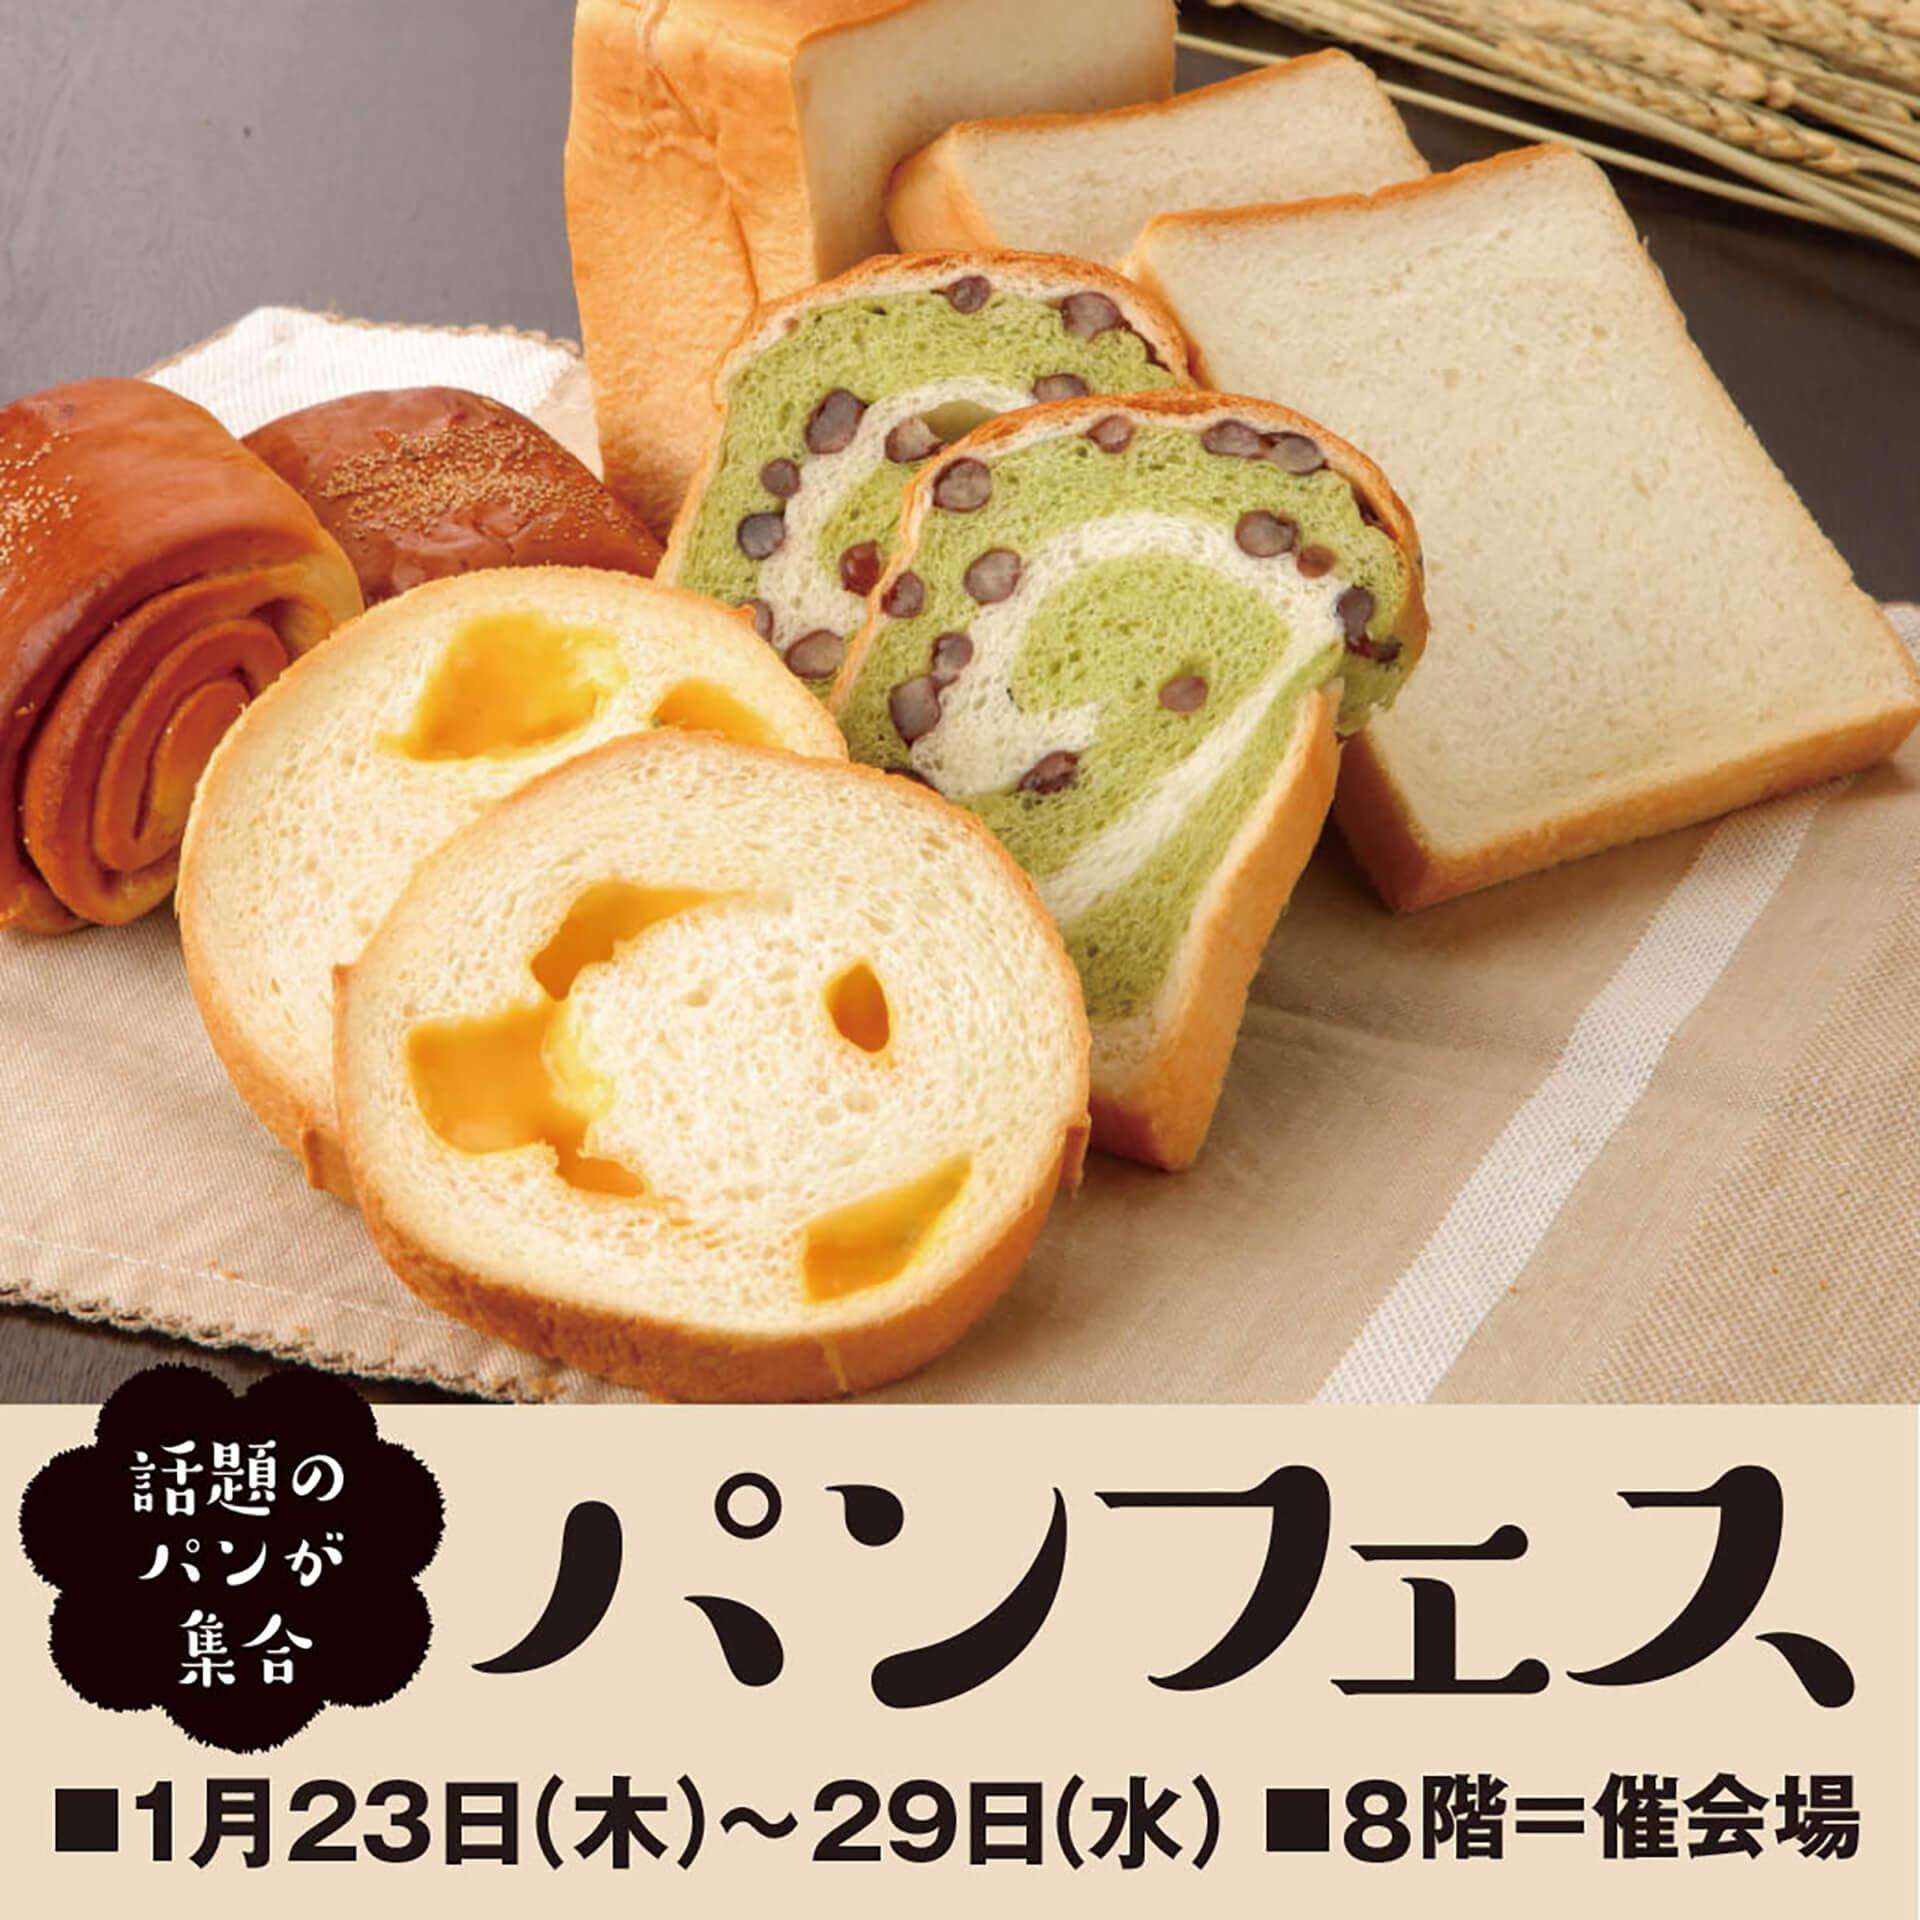 そごう横浜店パンフェスバナー